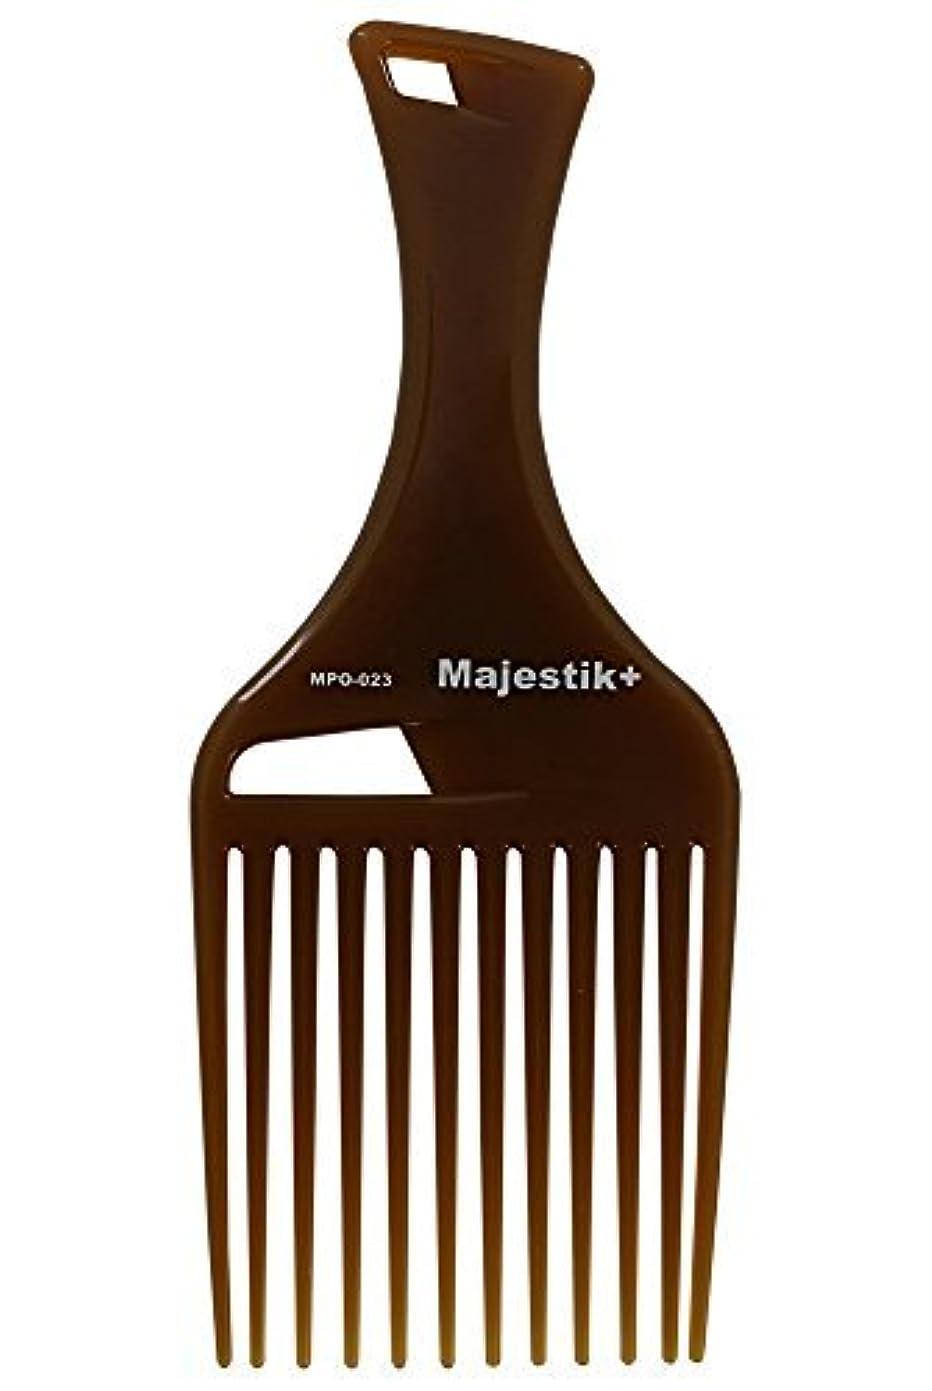 学生ステレオタイプ蜜Hair Comb- Afro Hair Comb Infused With Argan Oil Wide Tooth, Brown, Rake Comb, With Bespoke PVC Product Pouch...